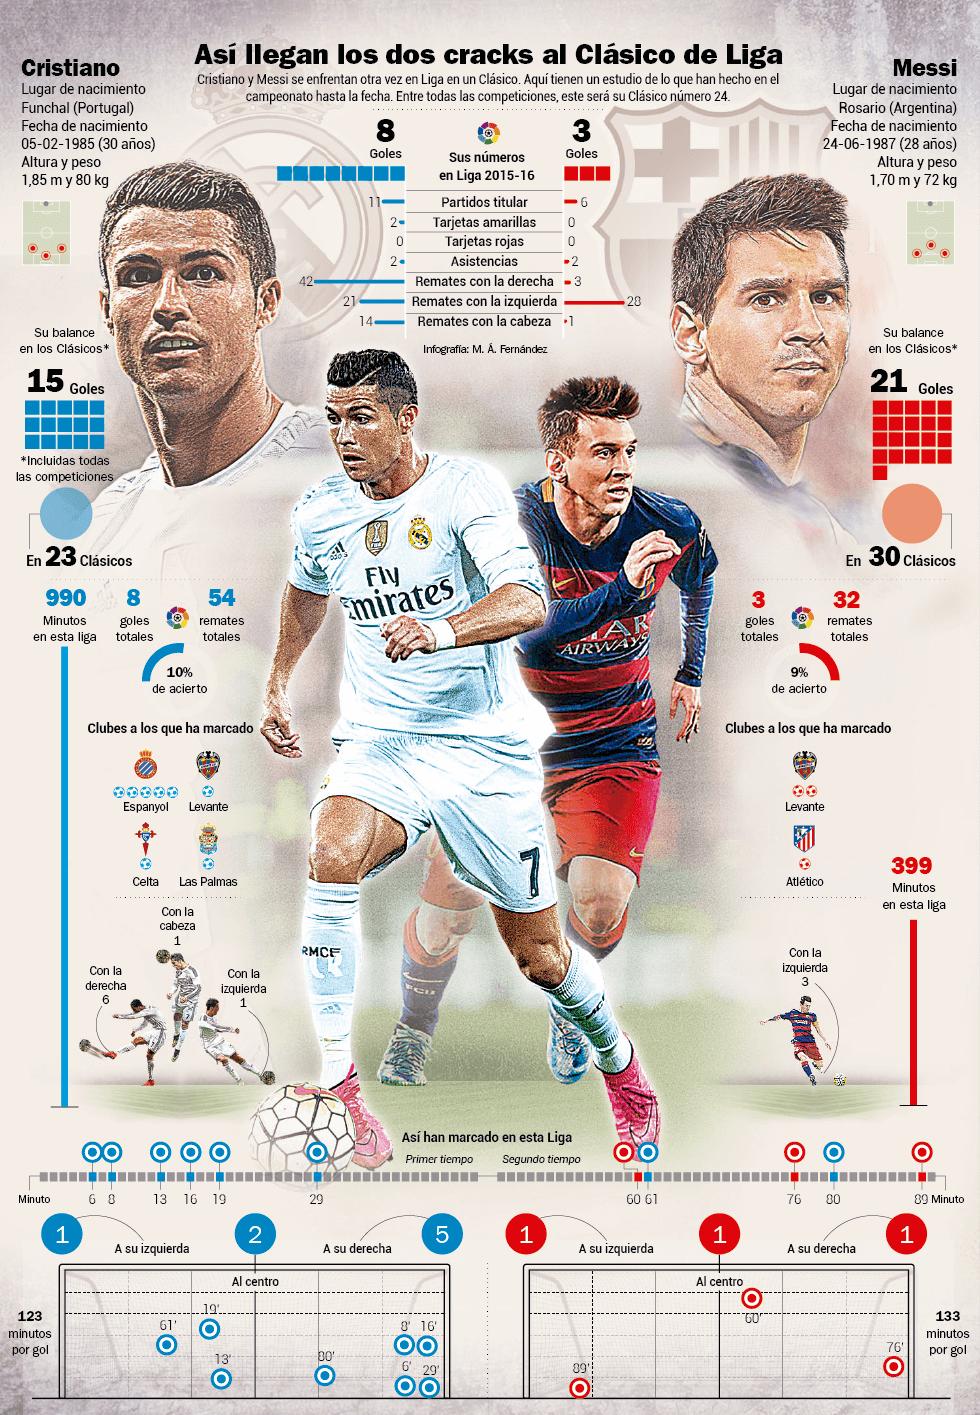 Real Madrid - Barcelona | El Clásico 2015 - AS.com - LaLiga | Fútbol de Primera División en AS.com